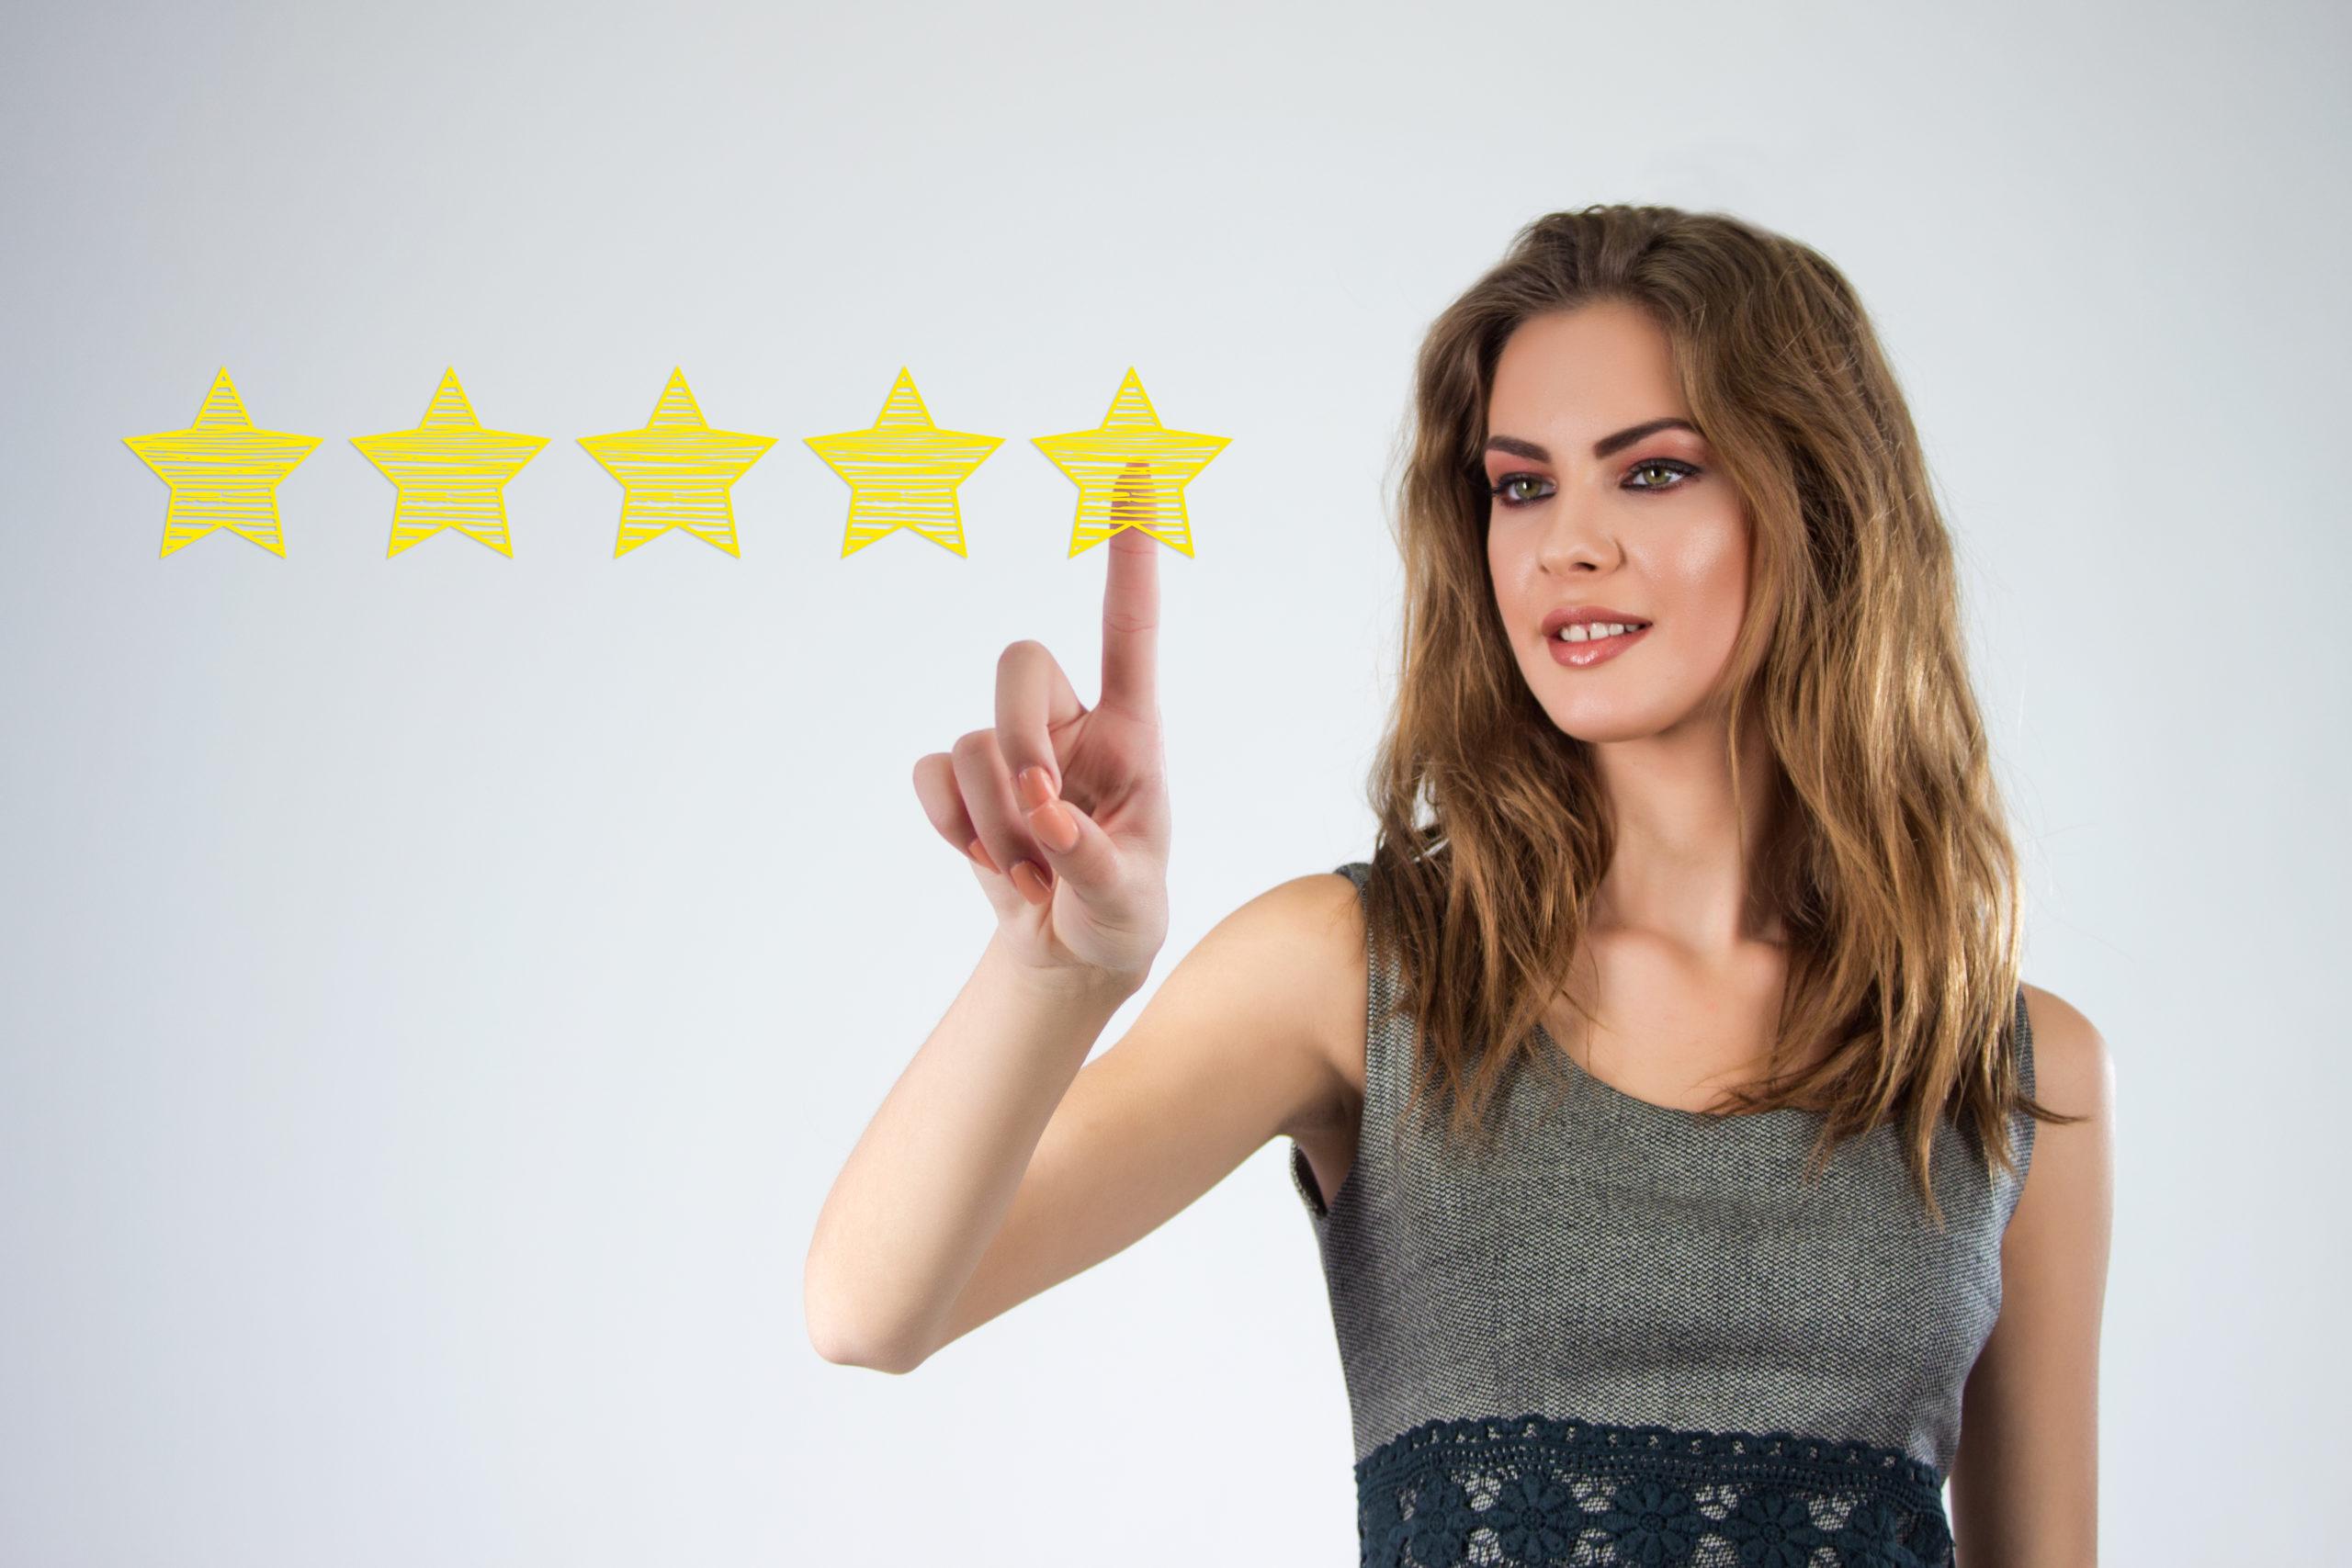 ¿Cómo saber si tus clientes están realmente satisfechos con tu marca?